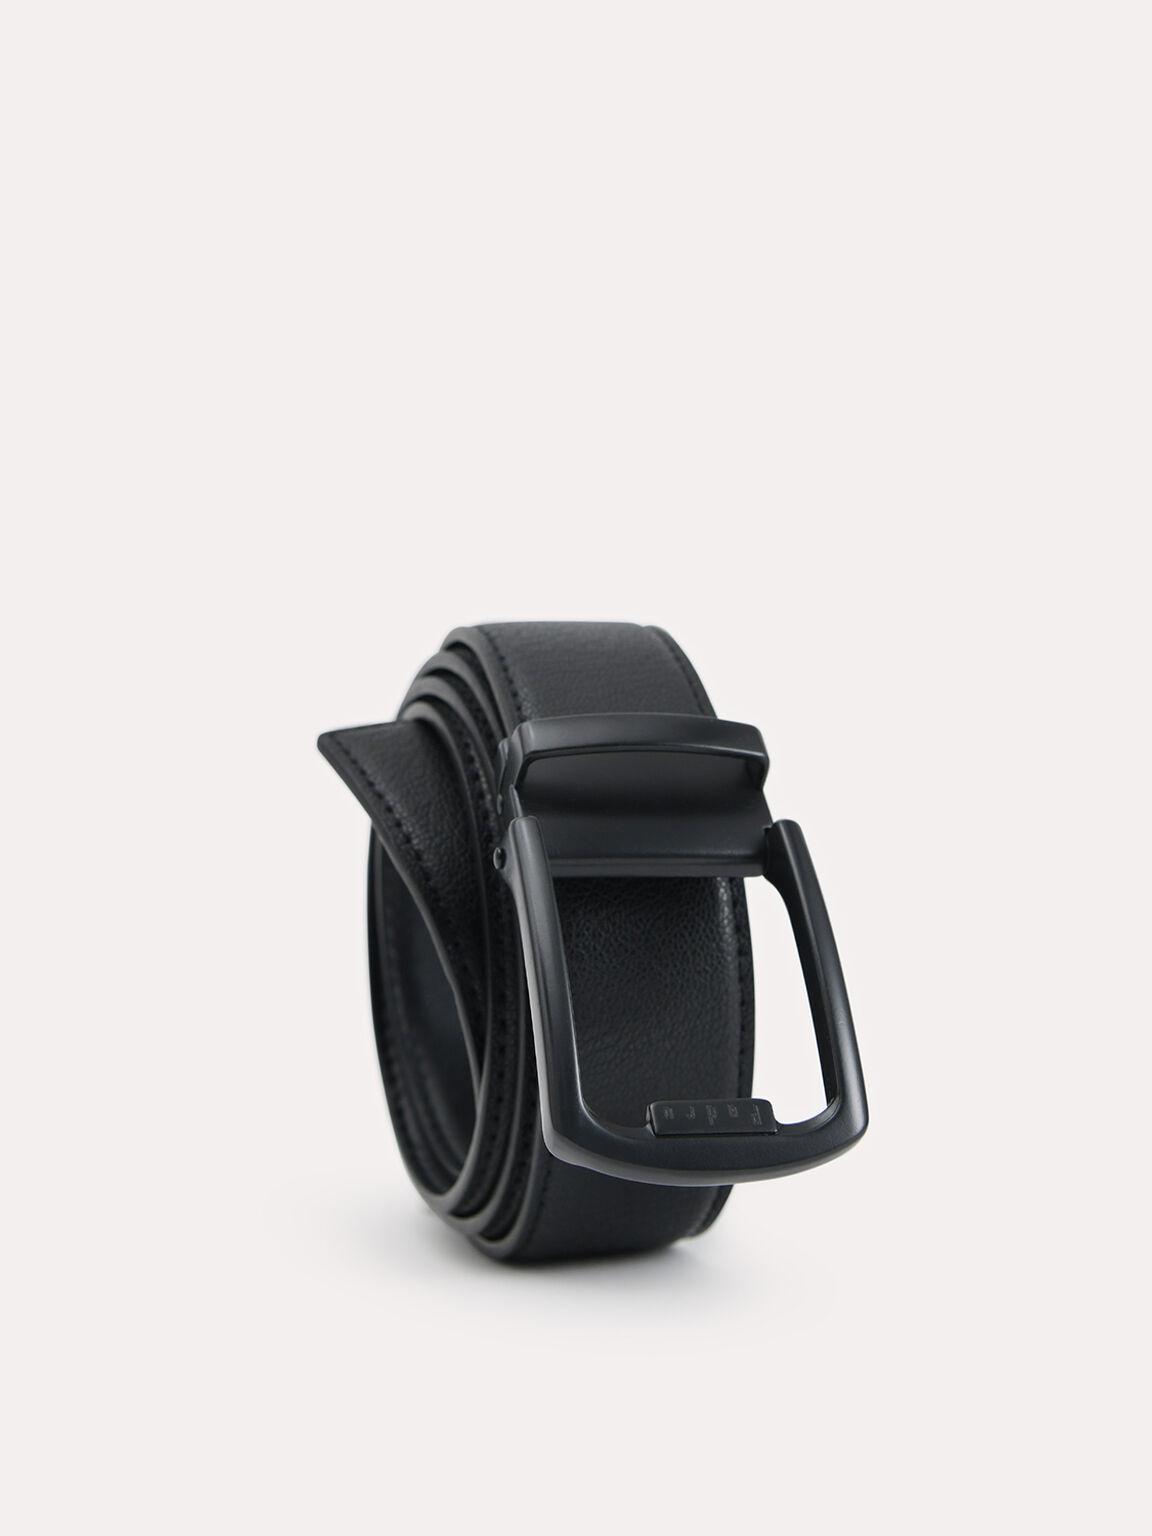 Textured Leather Tang Belt, Black, hi-res